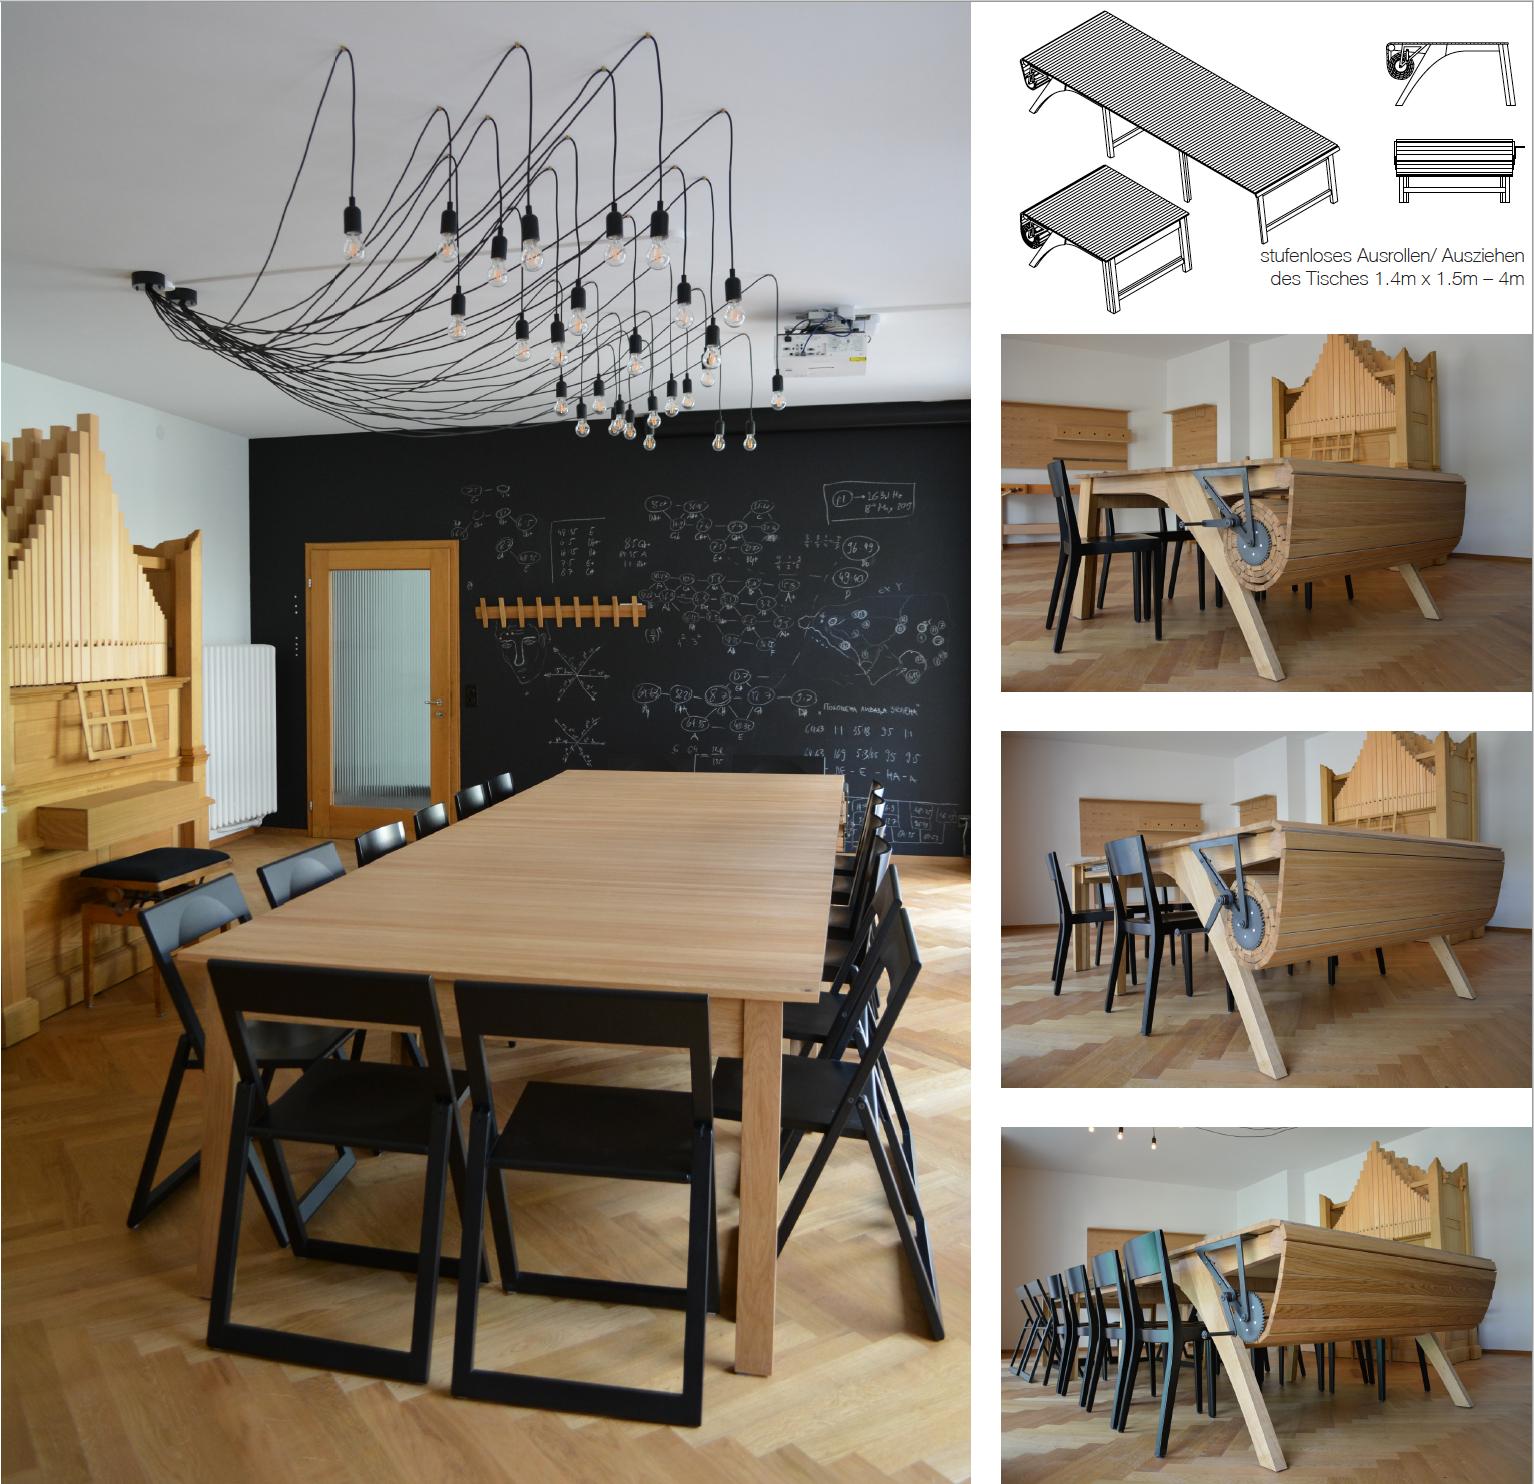 Tisch variierbar 2-4 Meter